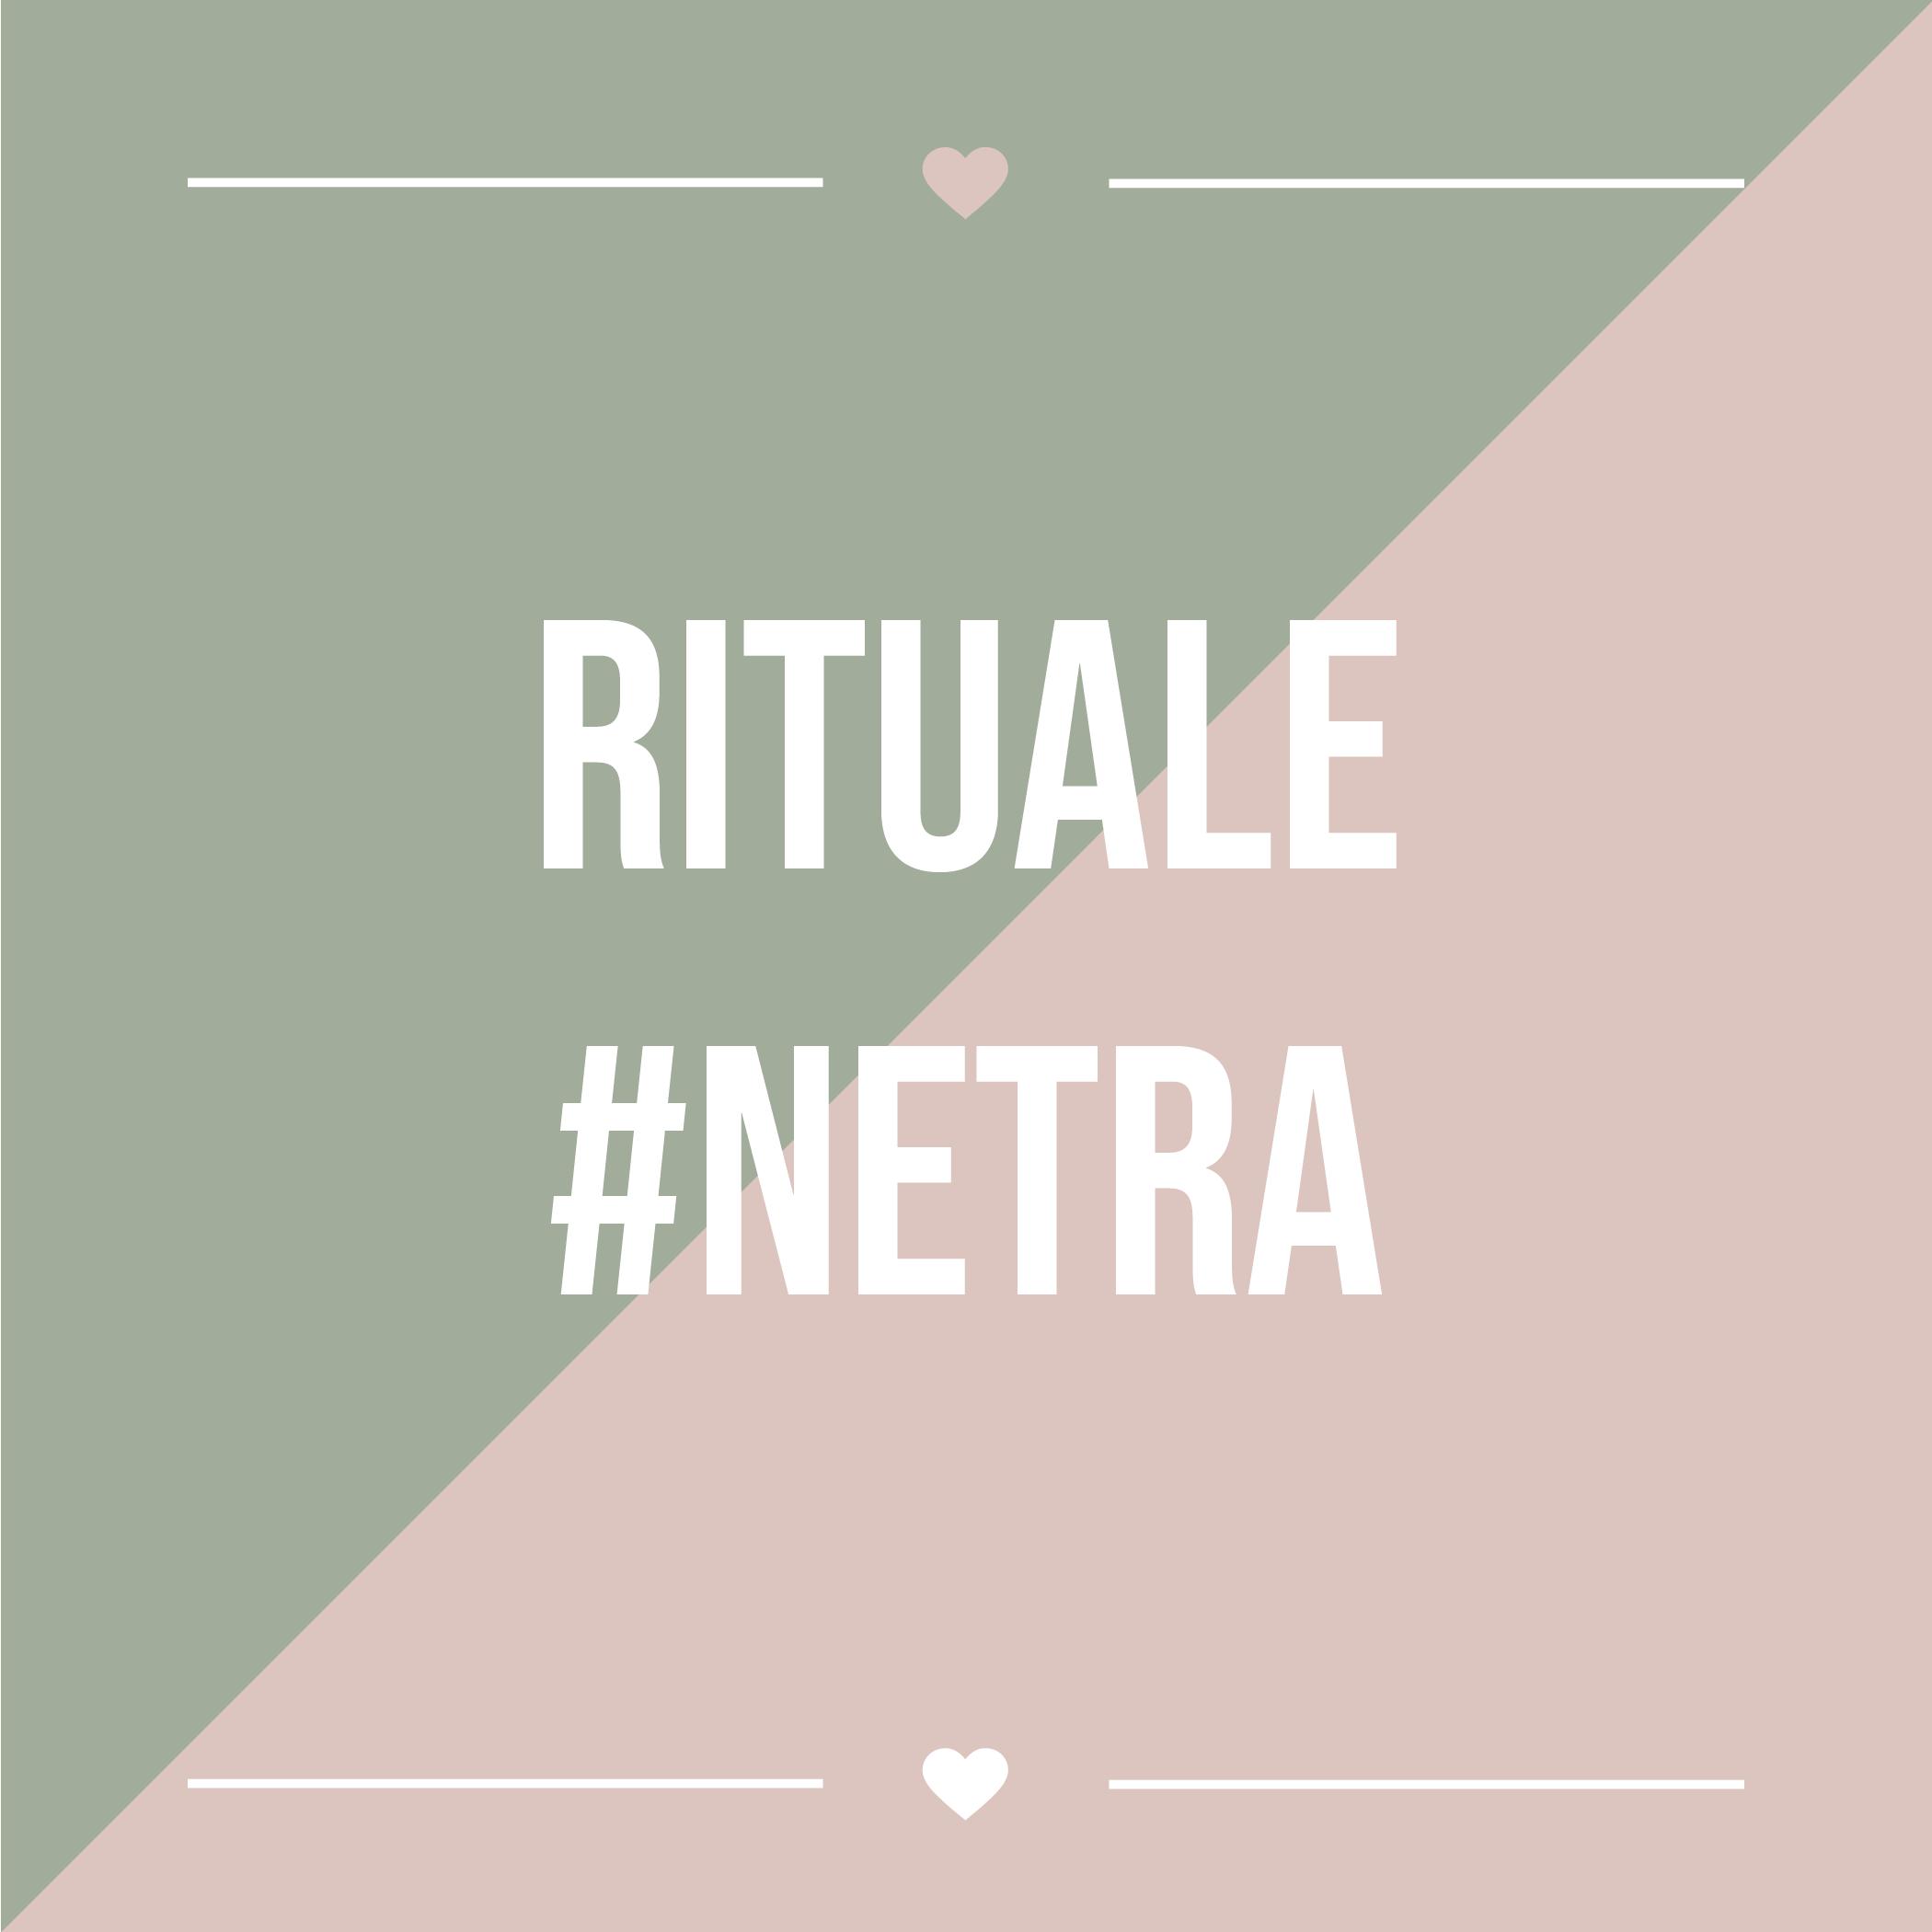 Rituale Netra